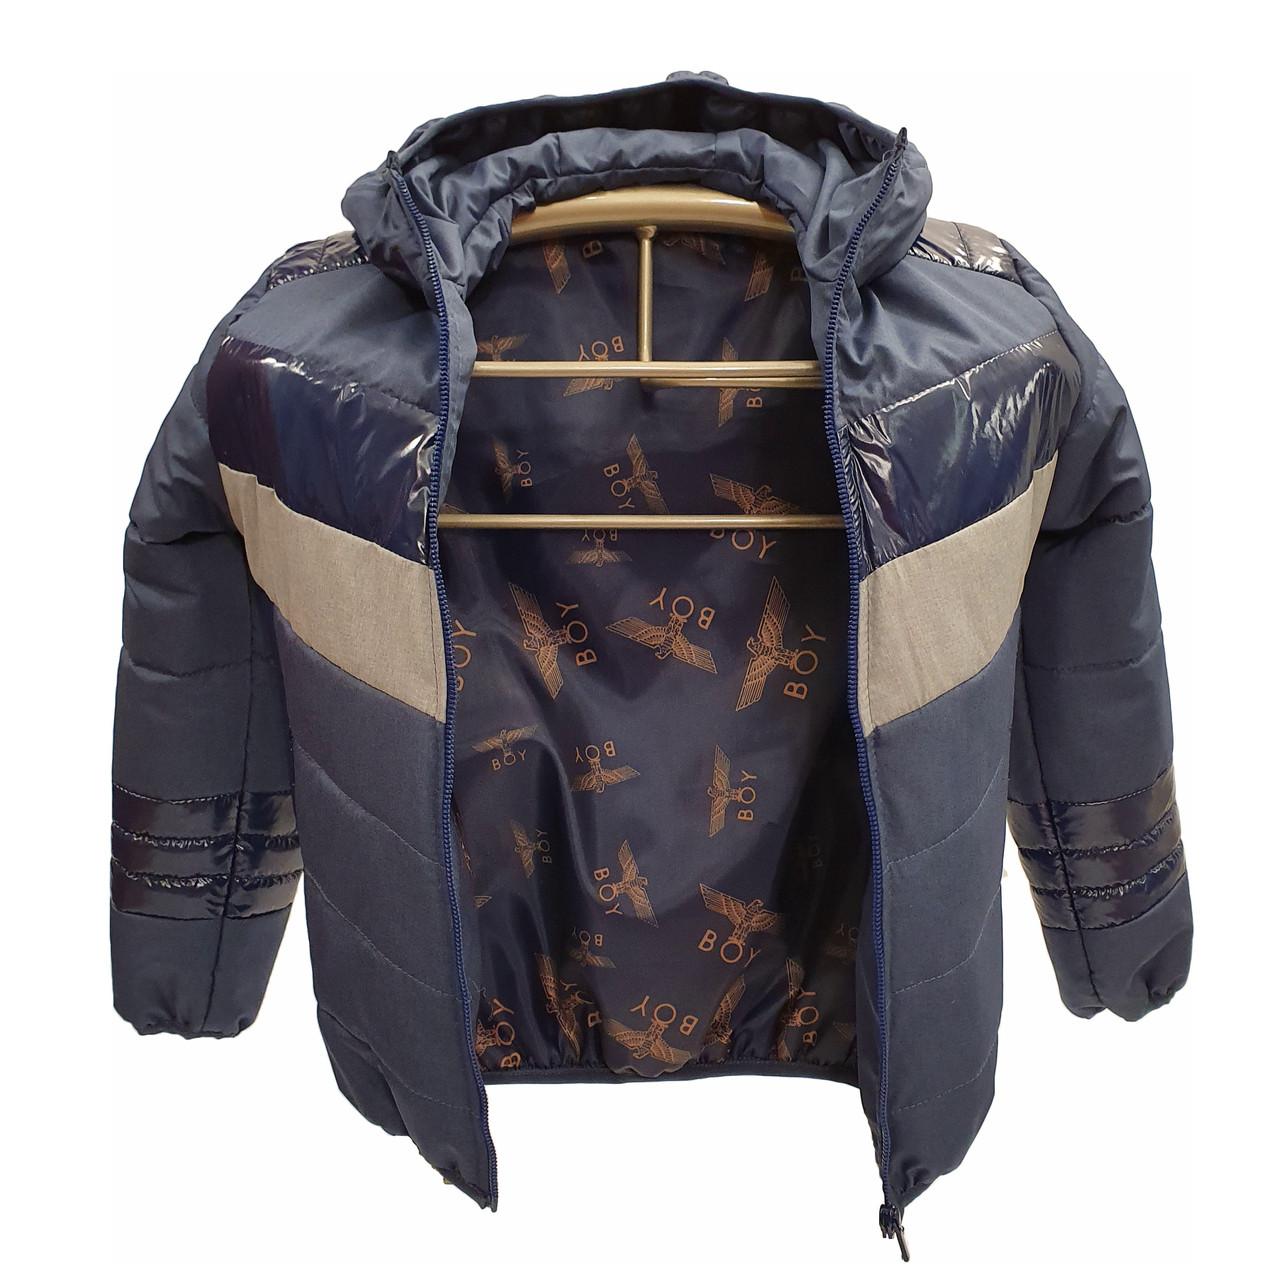 Підліткова куртка на весну осінь для хлопчика, колір джинс, р-ри 140-170, мод.Даріо